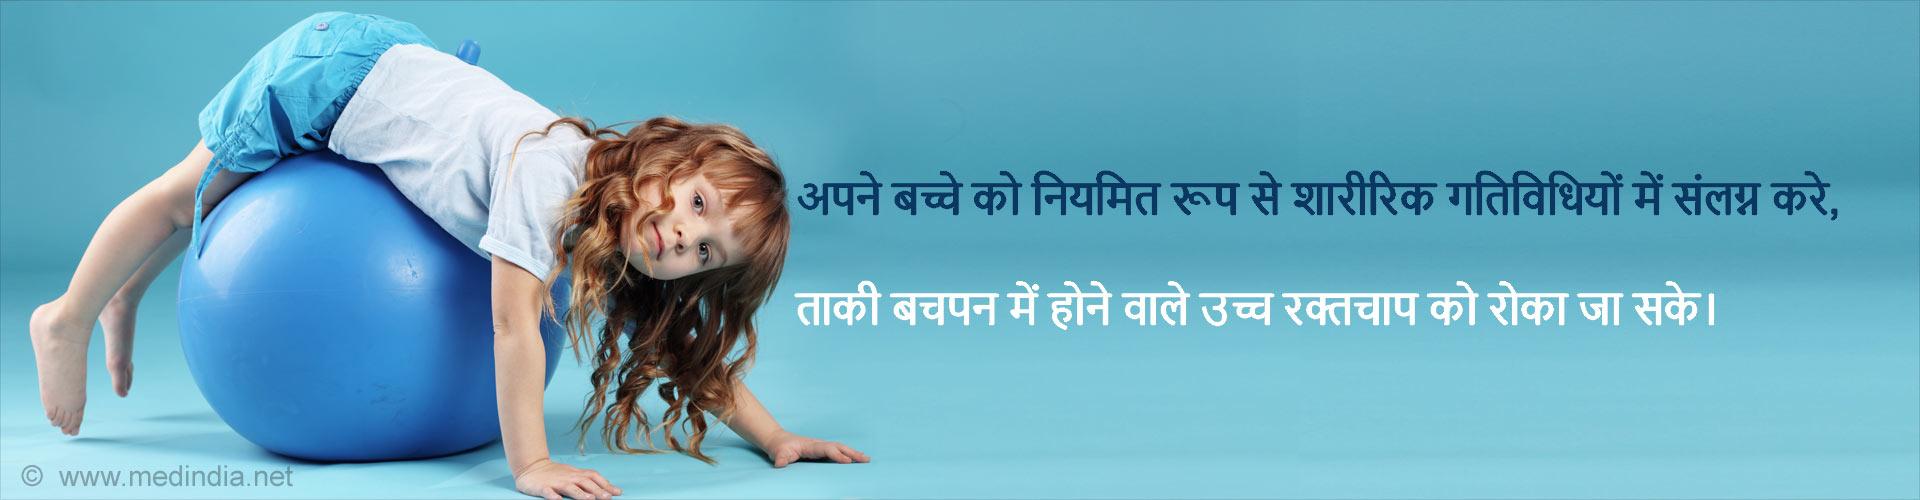 अपने बच्चे को नियमित रूप से शारीरिक गतिविधियों में संलग्न करे, ताकी बचपन में होने वाले उच्च रक्तचाप को रोका जा सके।